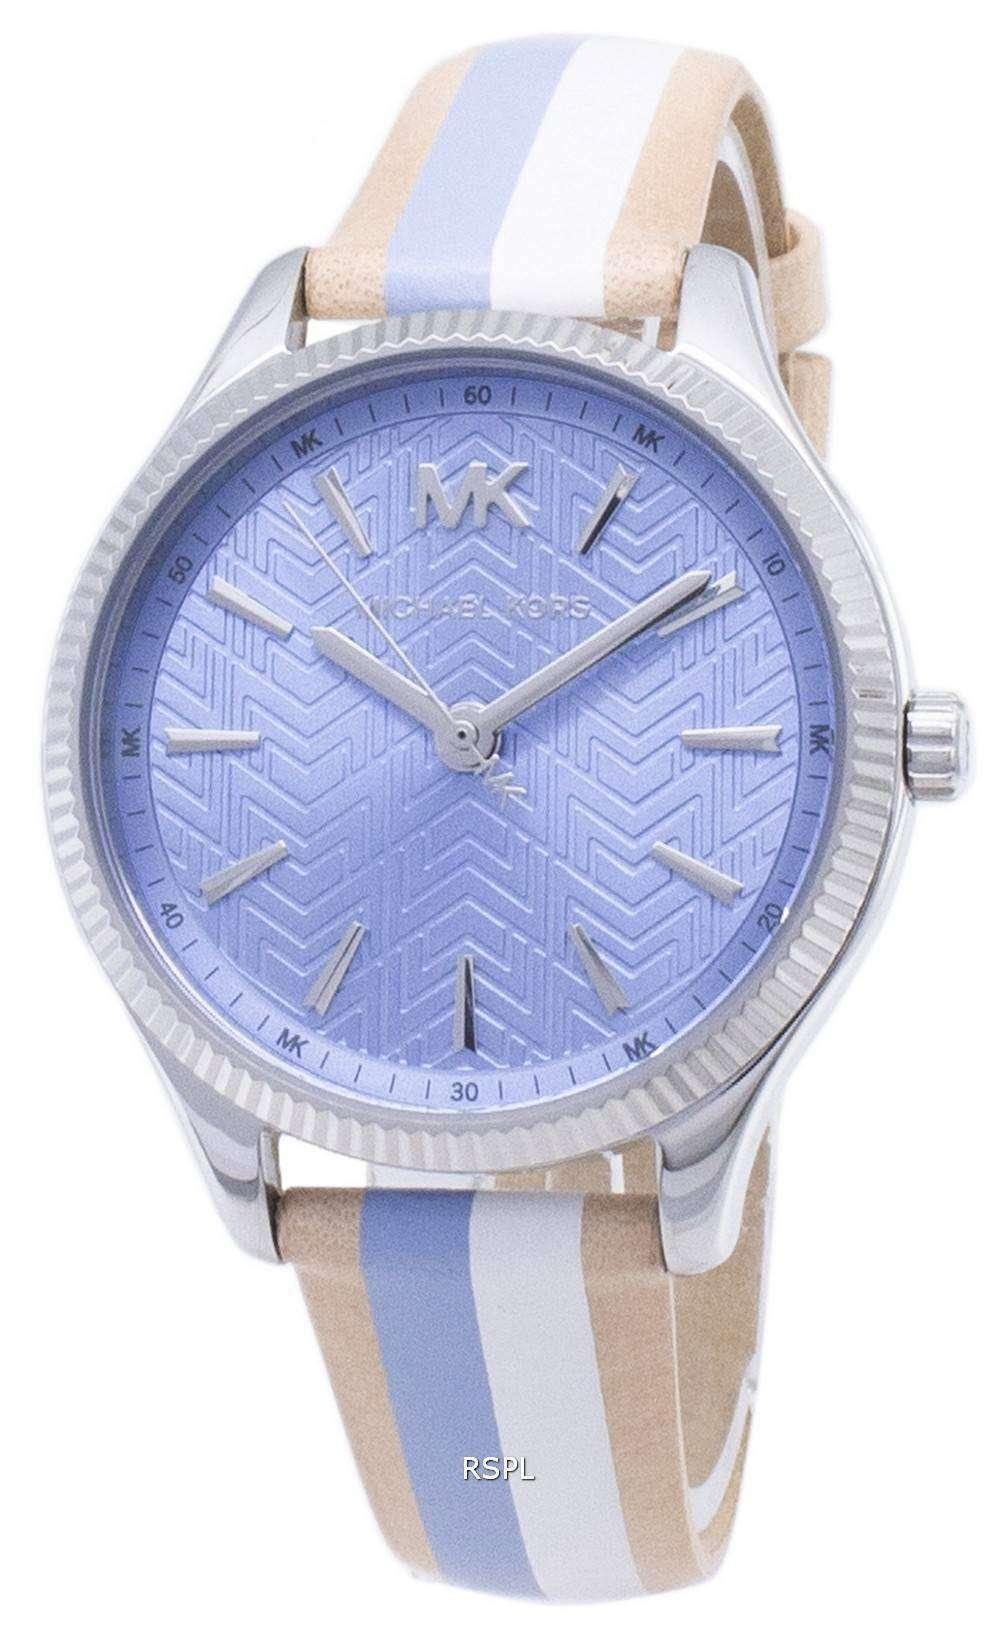 마이클 노스 렉 싱 턴 MK2807 쿼 츠 아날로그 여성용 손목시계